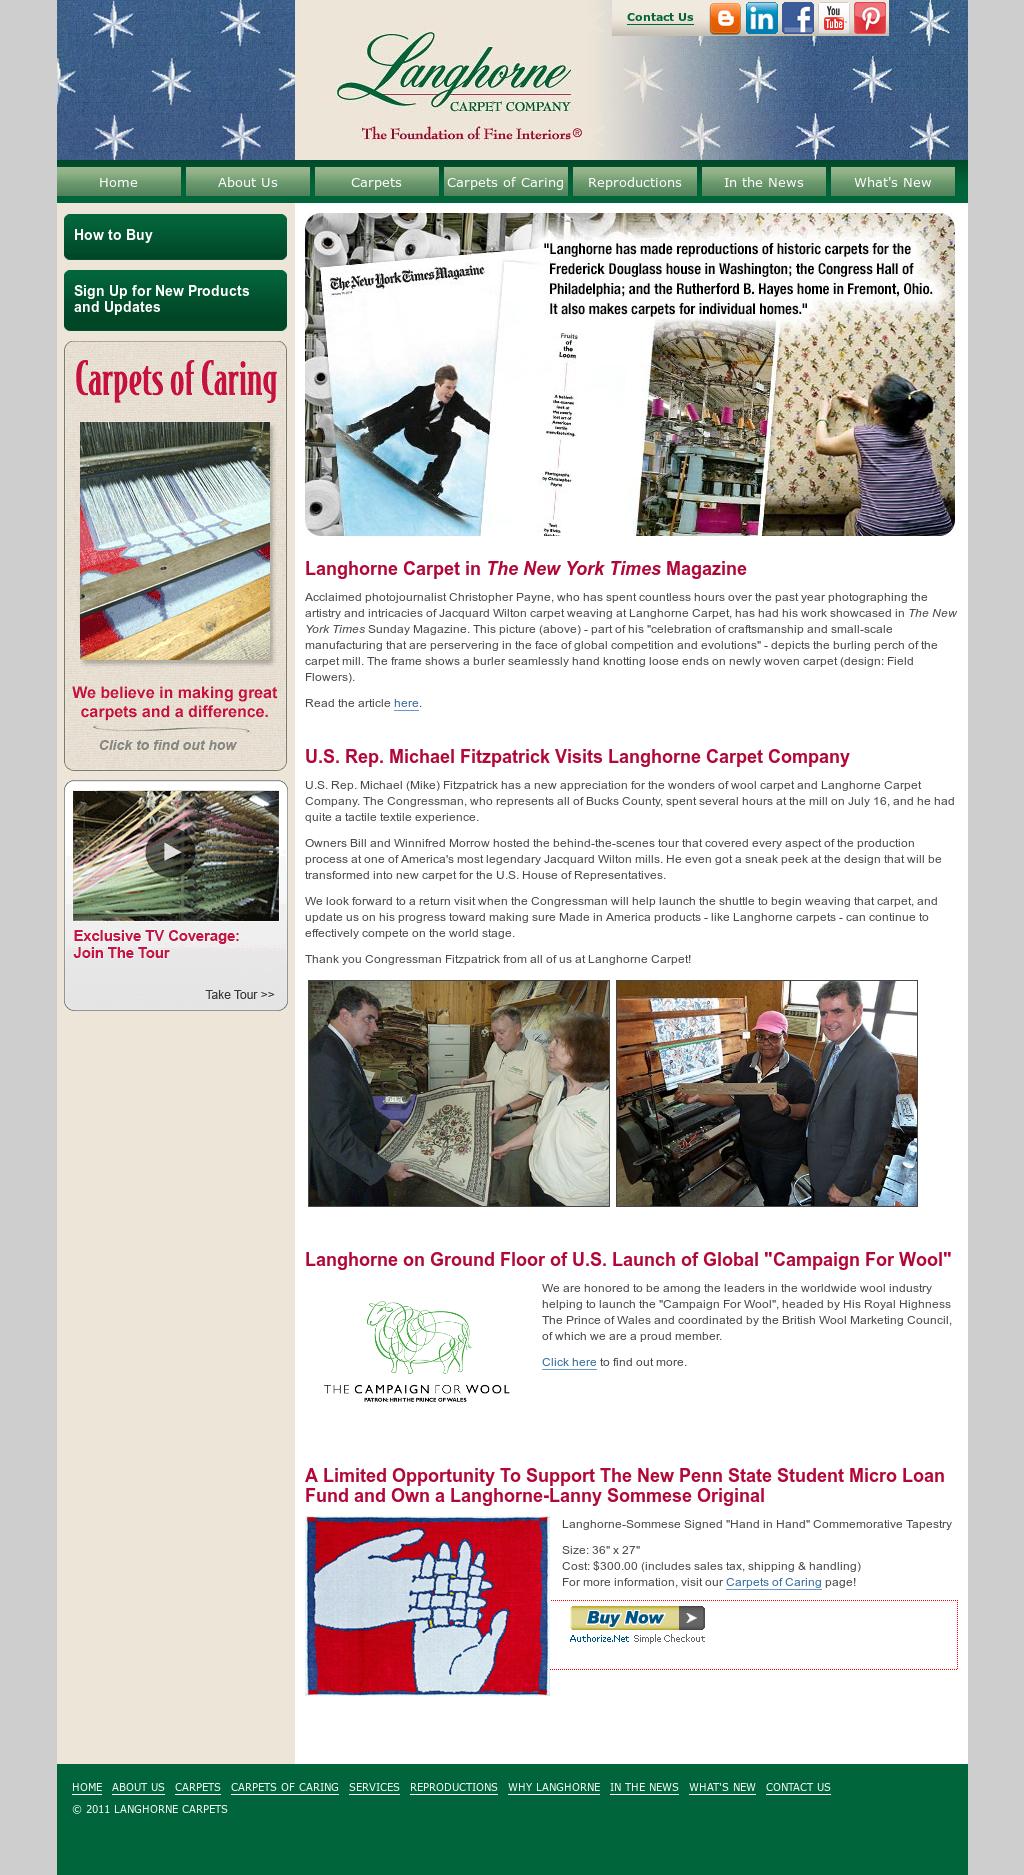 Langhorne Carpet Competitors, Revenue